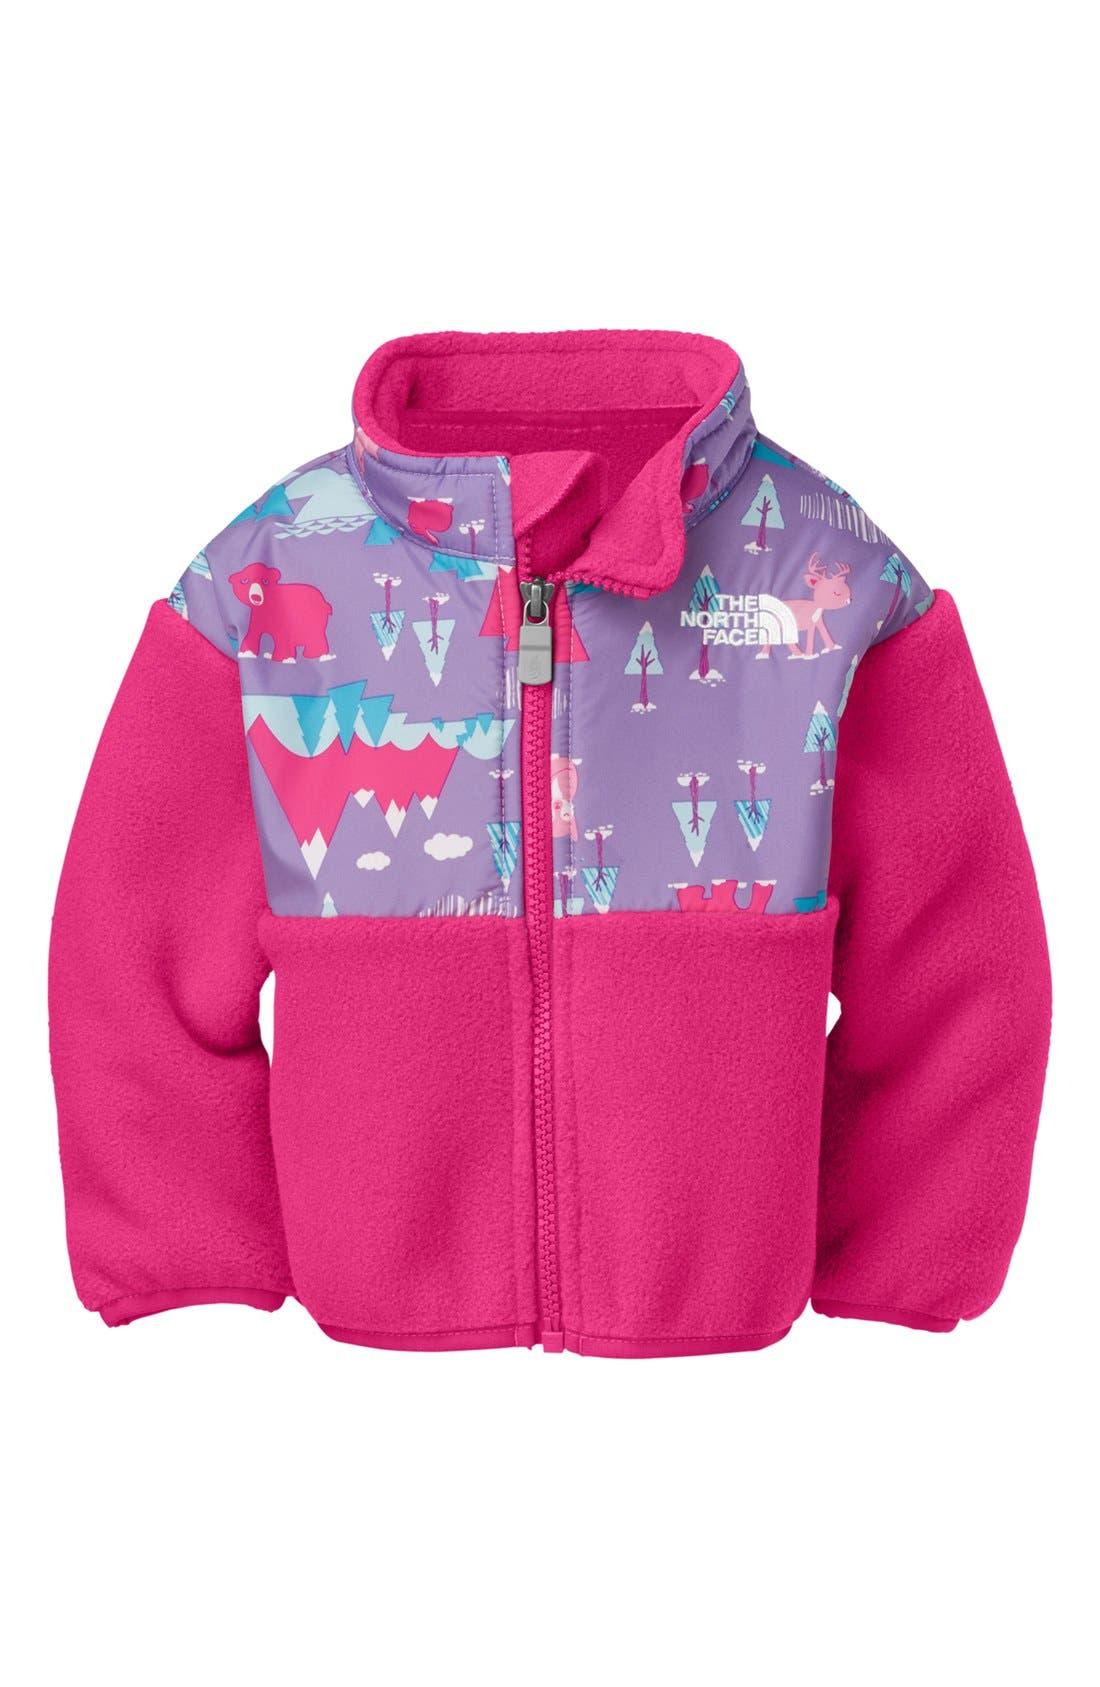 Main Image - The North Face 'Denali' Jacket (Baby Girls)